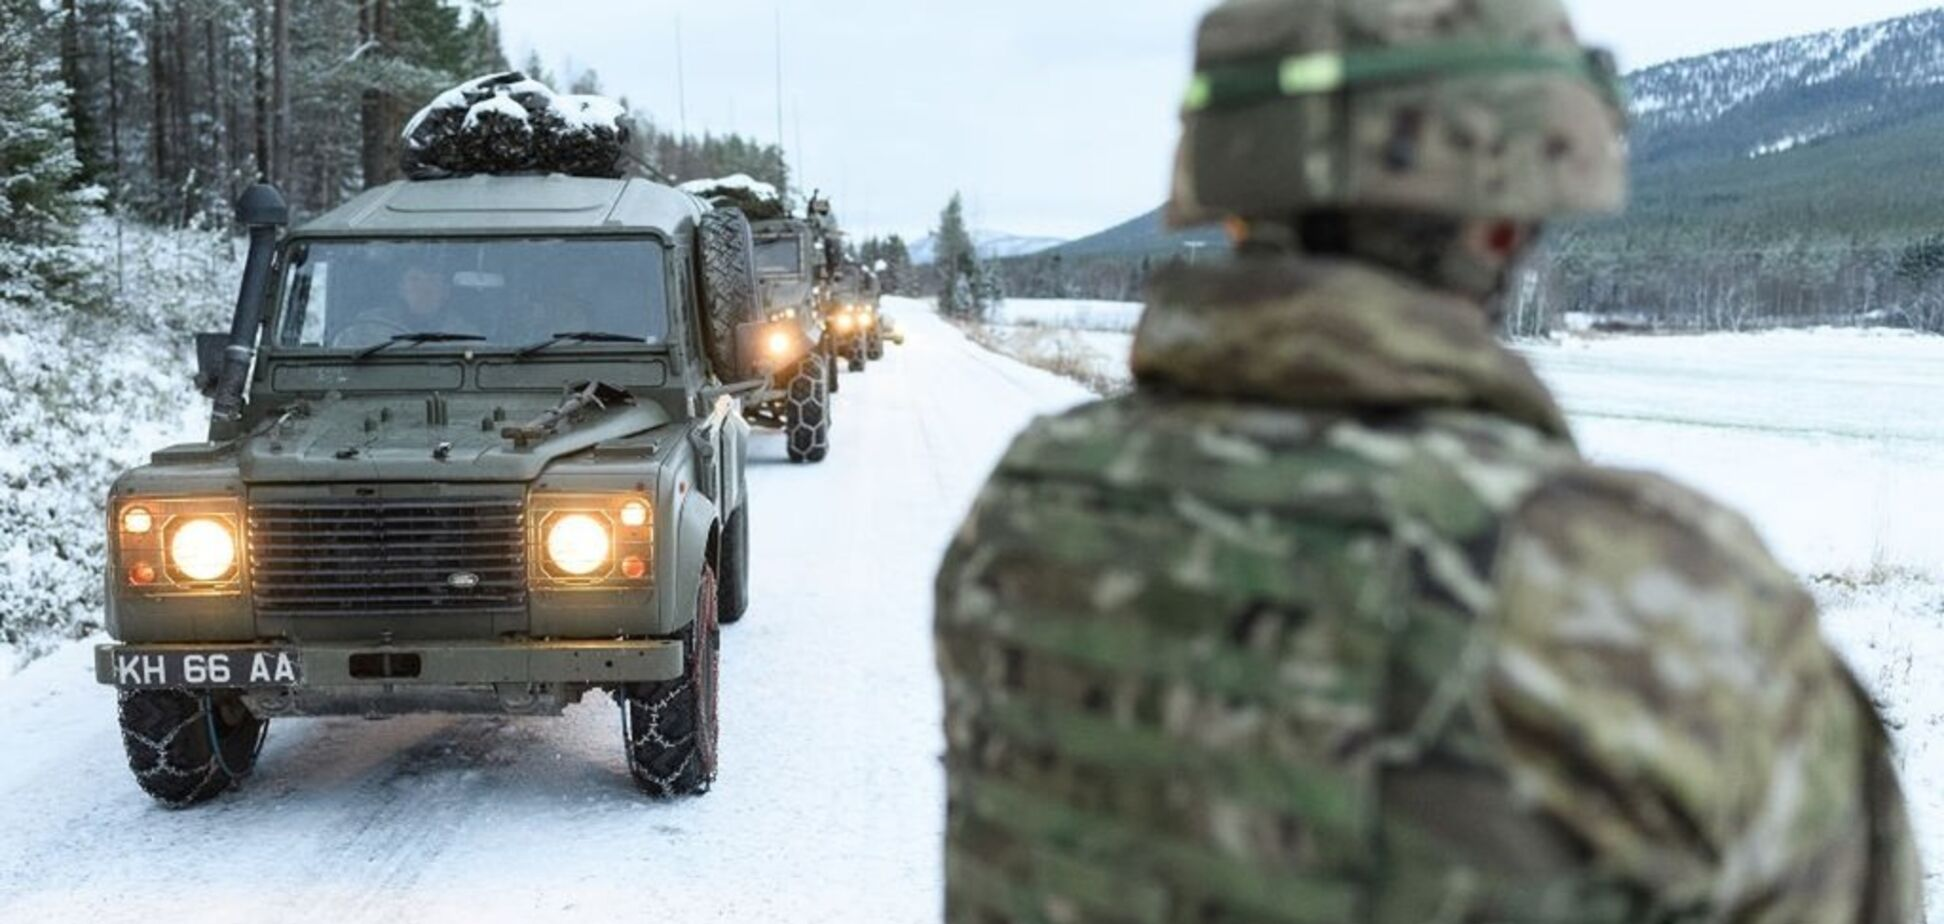 Будут проблемы: в НАТО оценили последствия ''большой войны'' с Россией